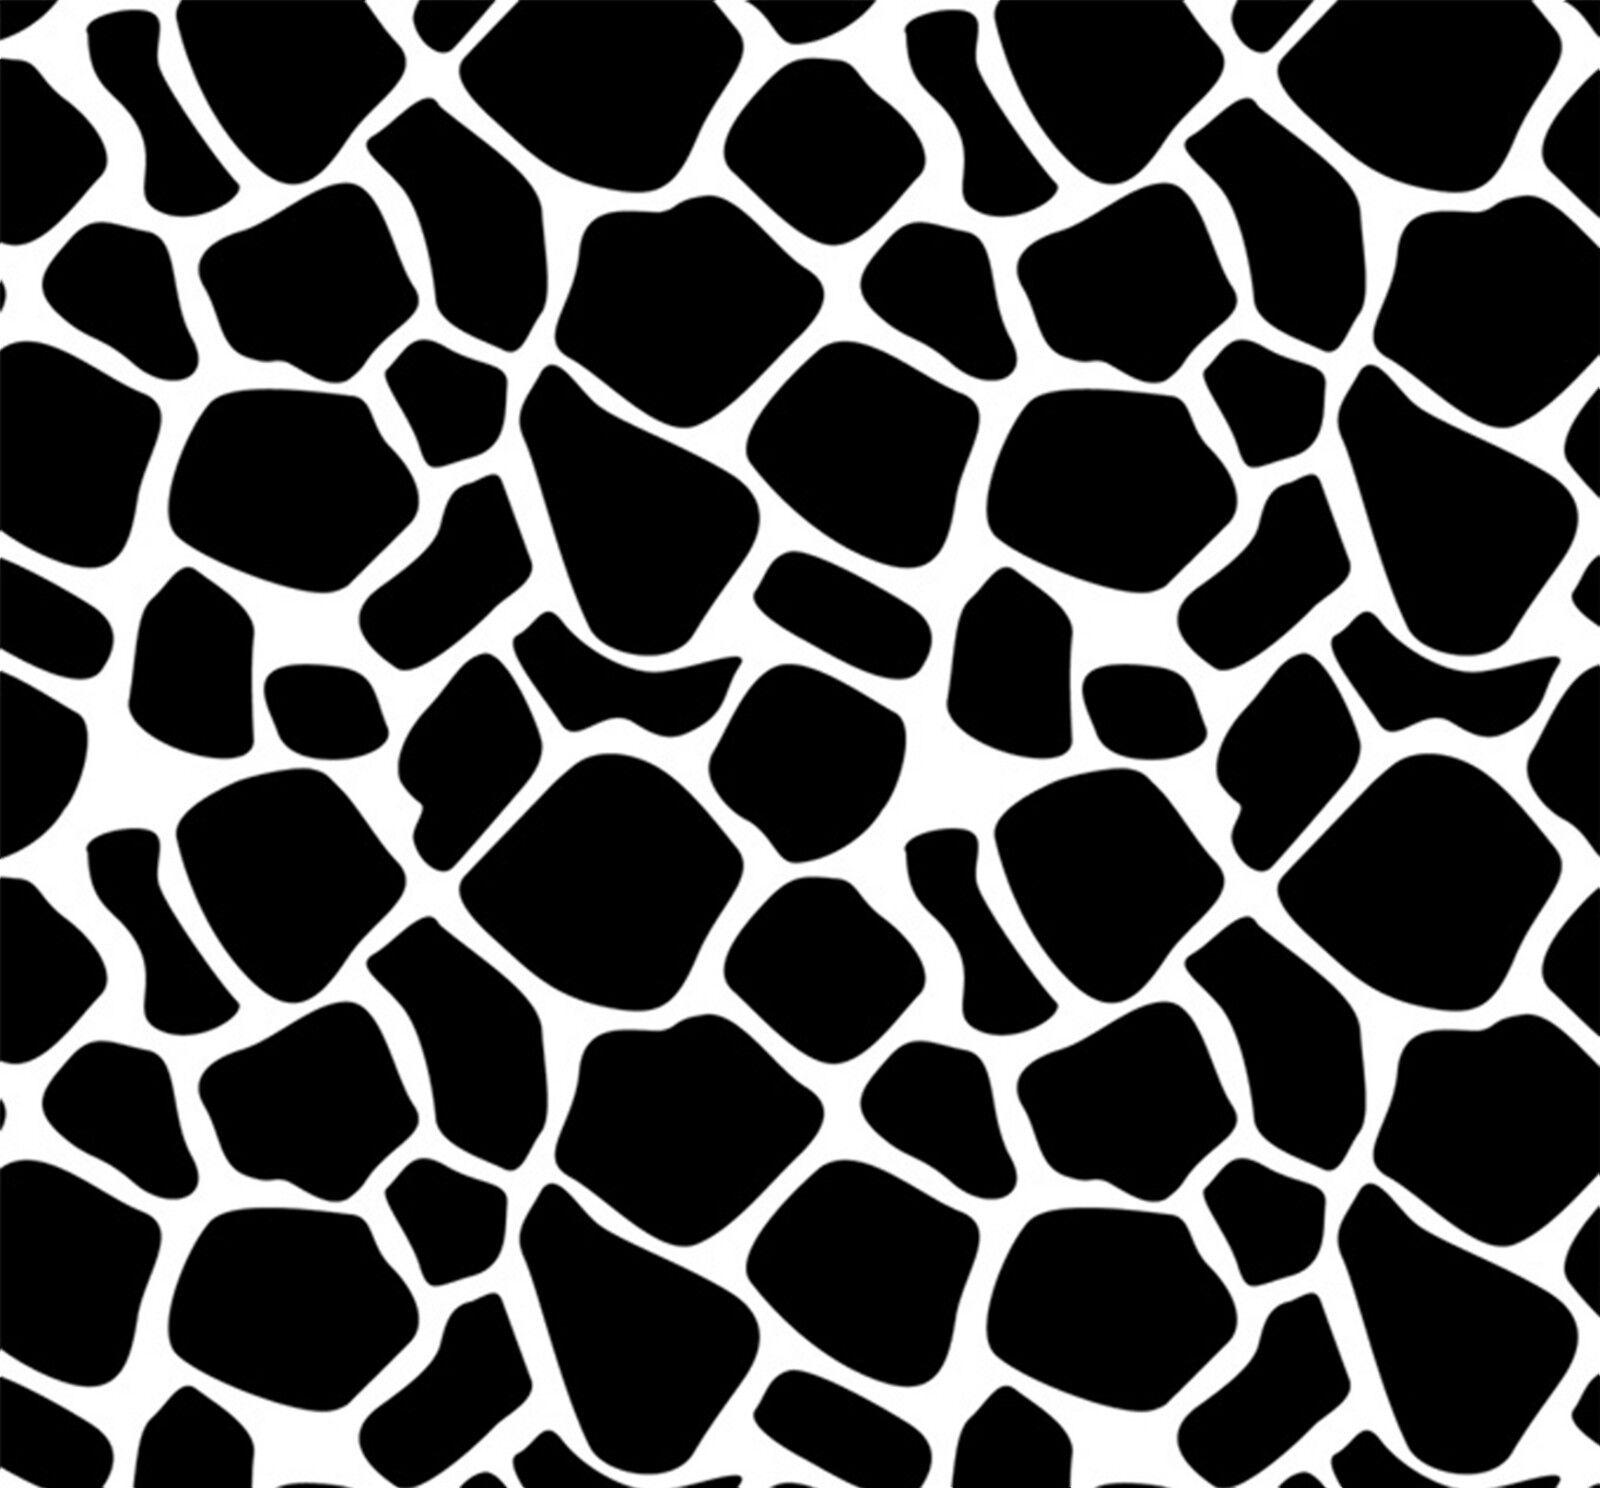 3D Moucheture Noires 494 Décor Mural Murale De Mur FR De Cuisine AJ WALLPAPER FR Mur 37e09e